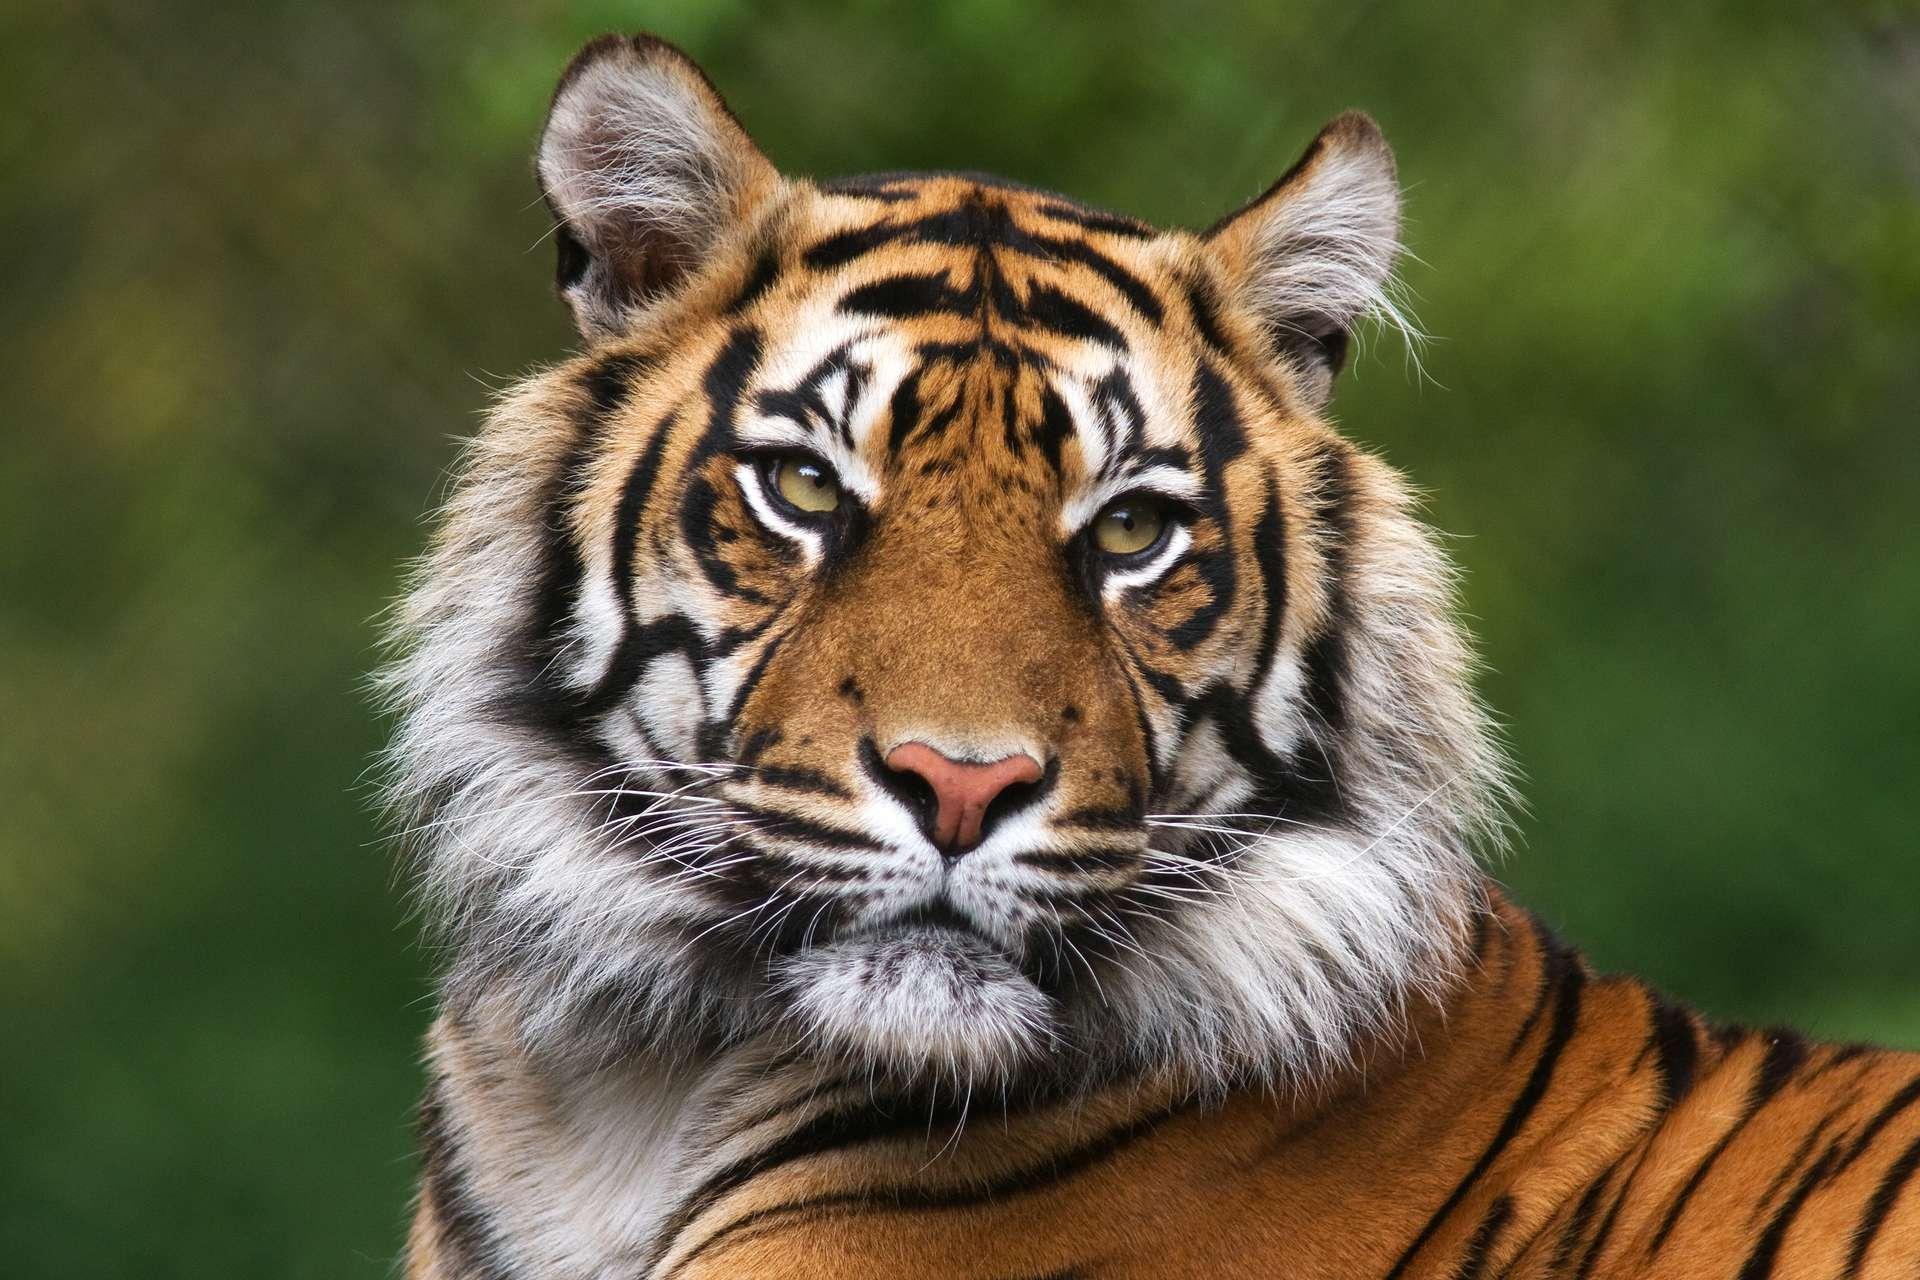 L'espèce du tigre, Panthera tigris, comporte plusieurs sous-espèces. Dont le tigre d'Indochine, qui vit entre autres en Thaïlande. © Bertie10, Adobe Stock